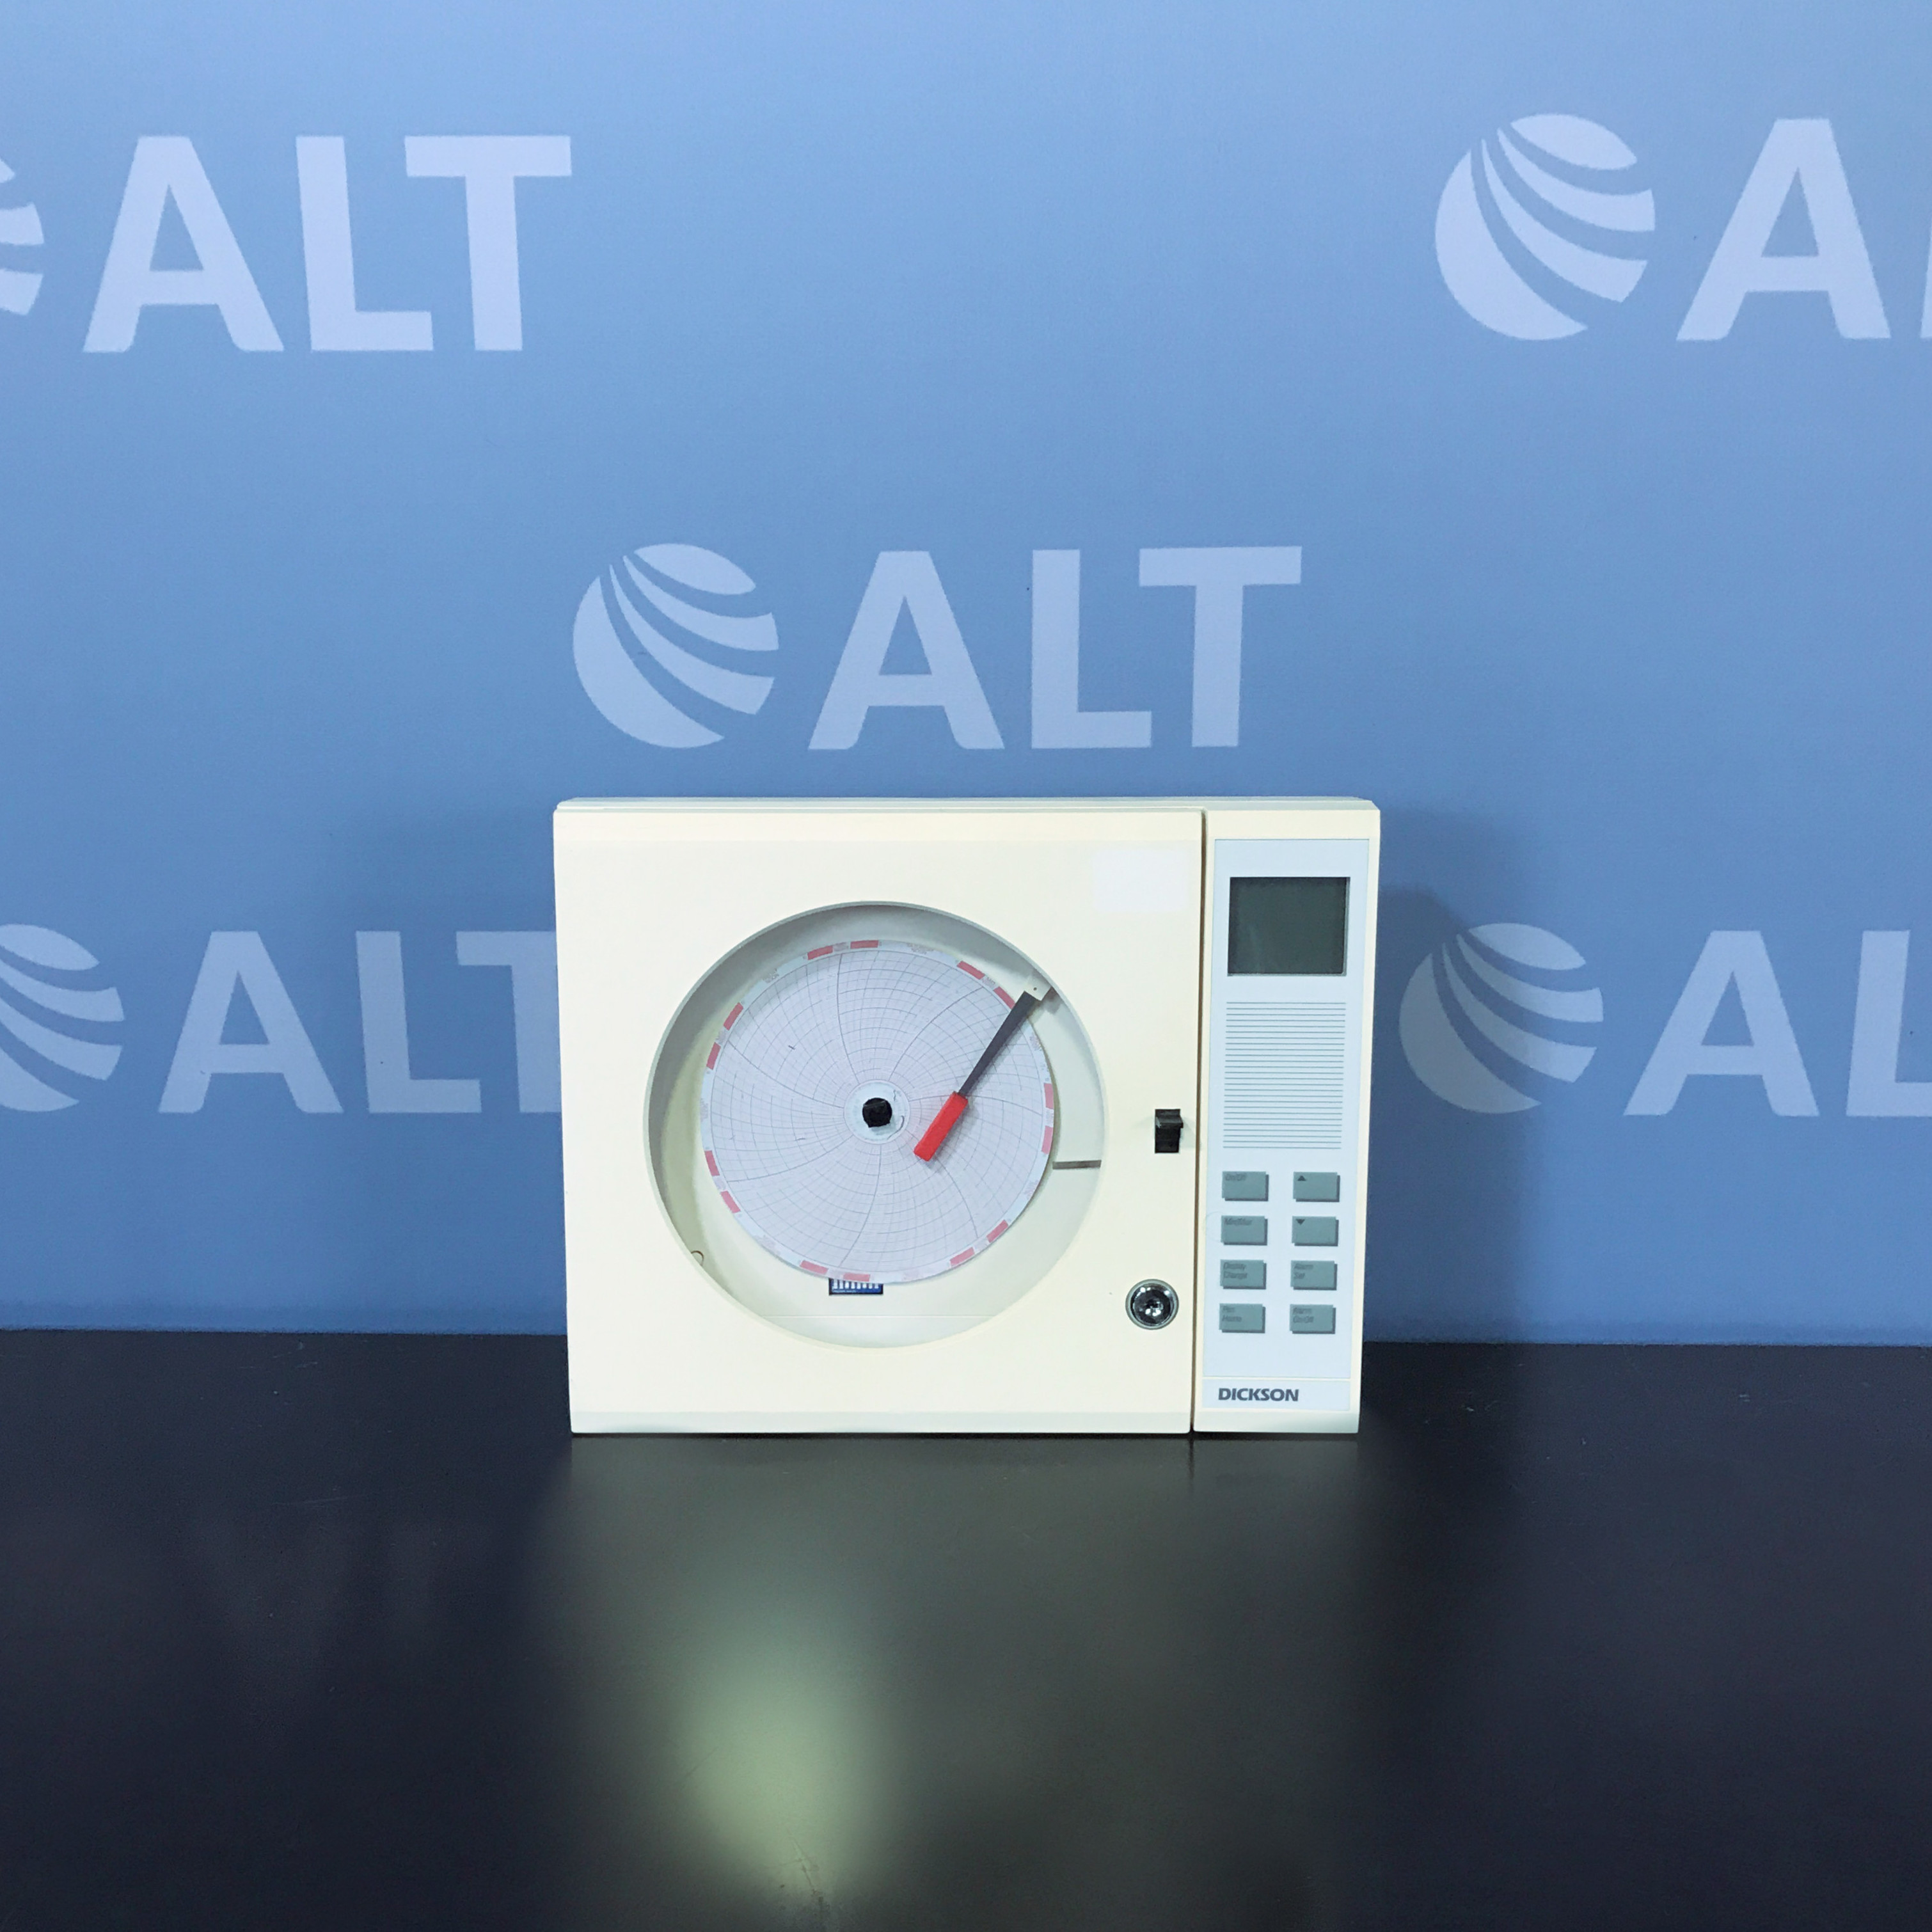 Dickson KTX C412 Temperature Recorder Image